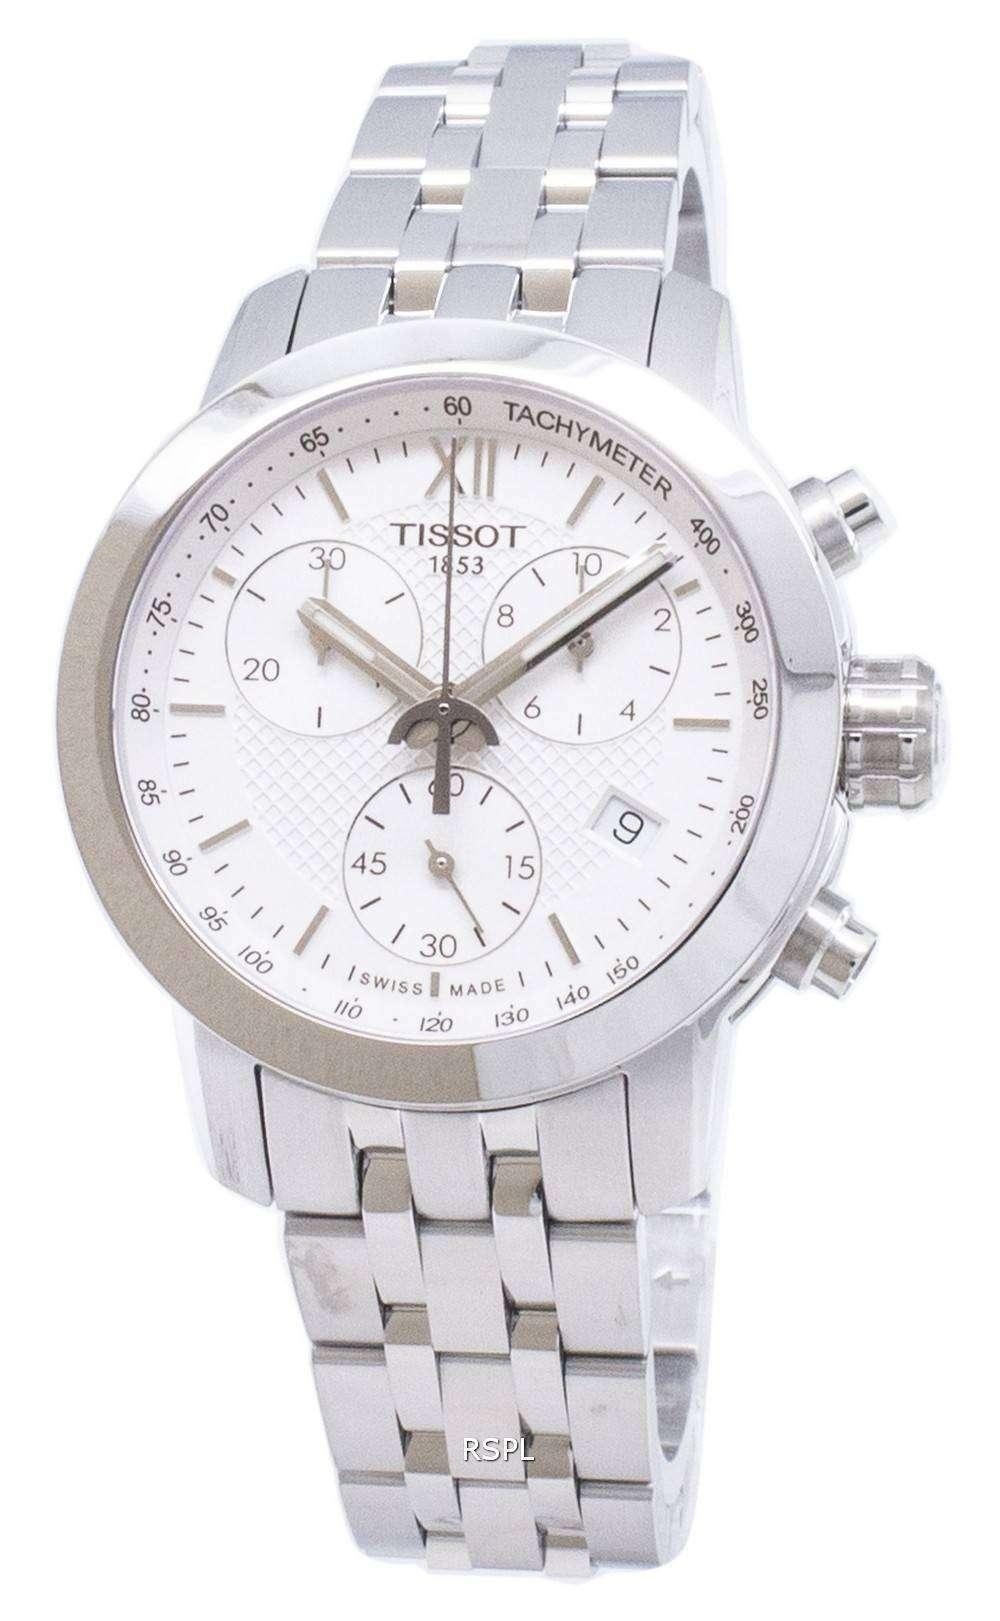 ティソ特別コレクション PRC 200 T 055.217.11.018.00 T0552171101800 クロノグラフ200M レディース腕時計